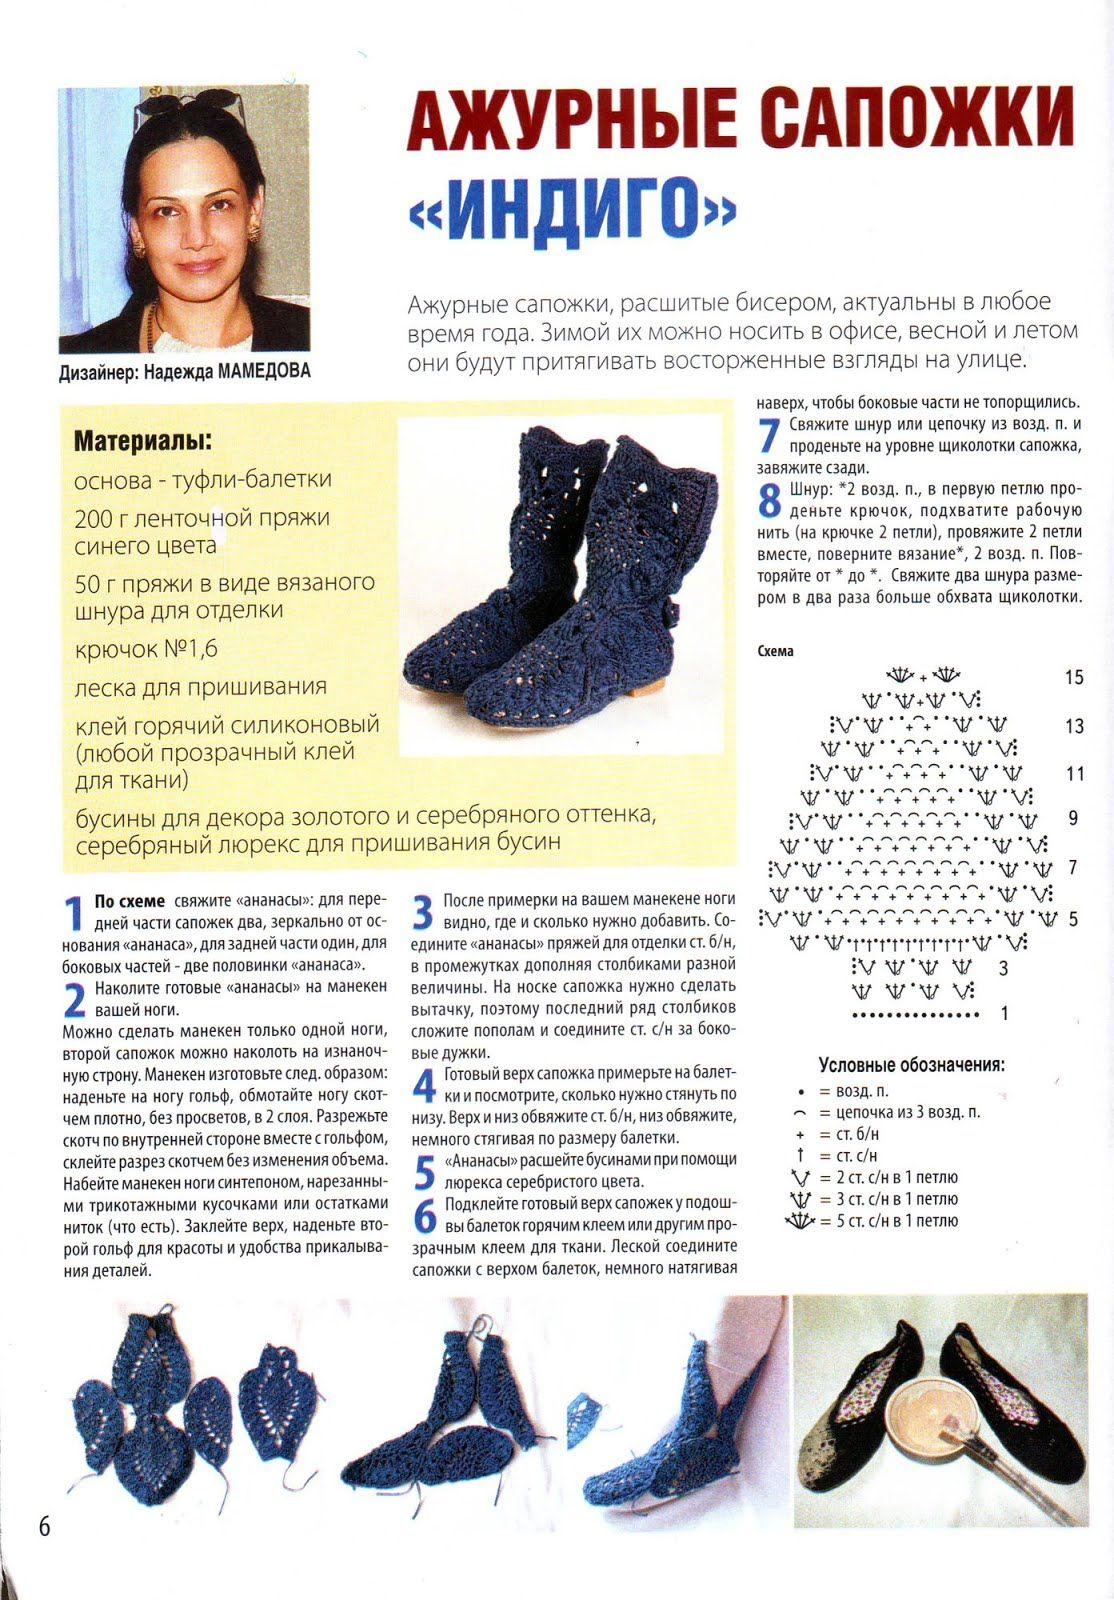 Patron Crochet Botas | Shoes pattern | Pinterest | Patrones, Patron ...